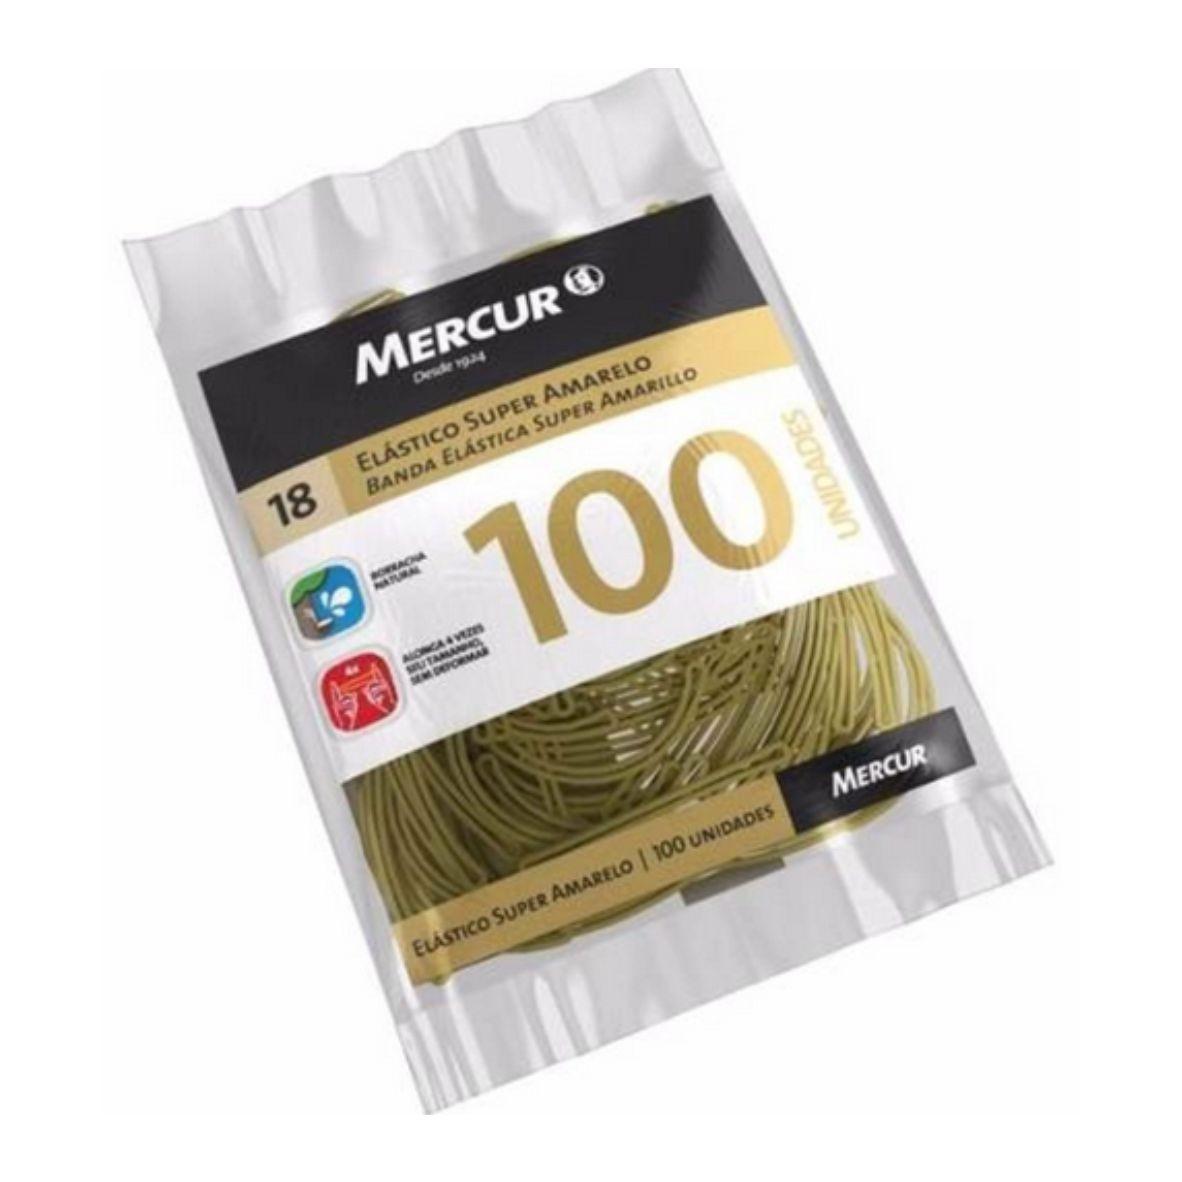 Pacote com 100 Elásticos Amarelos - Mercur